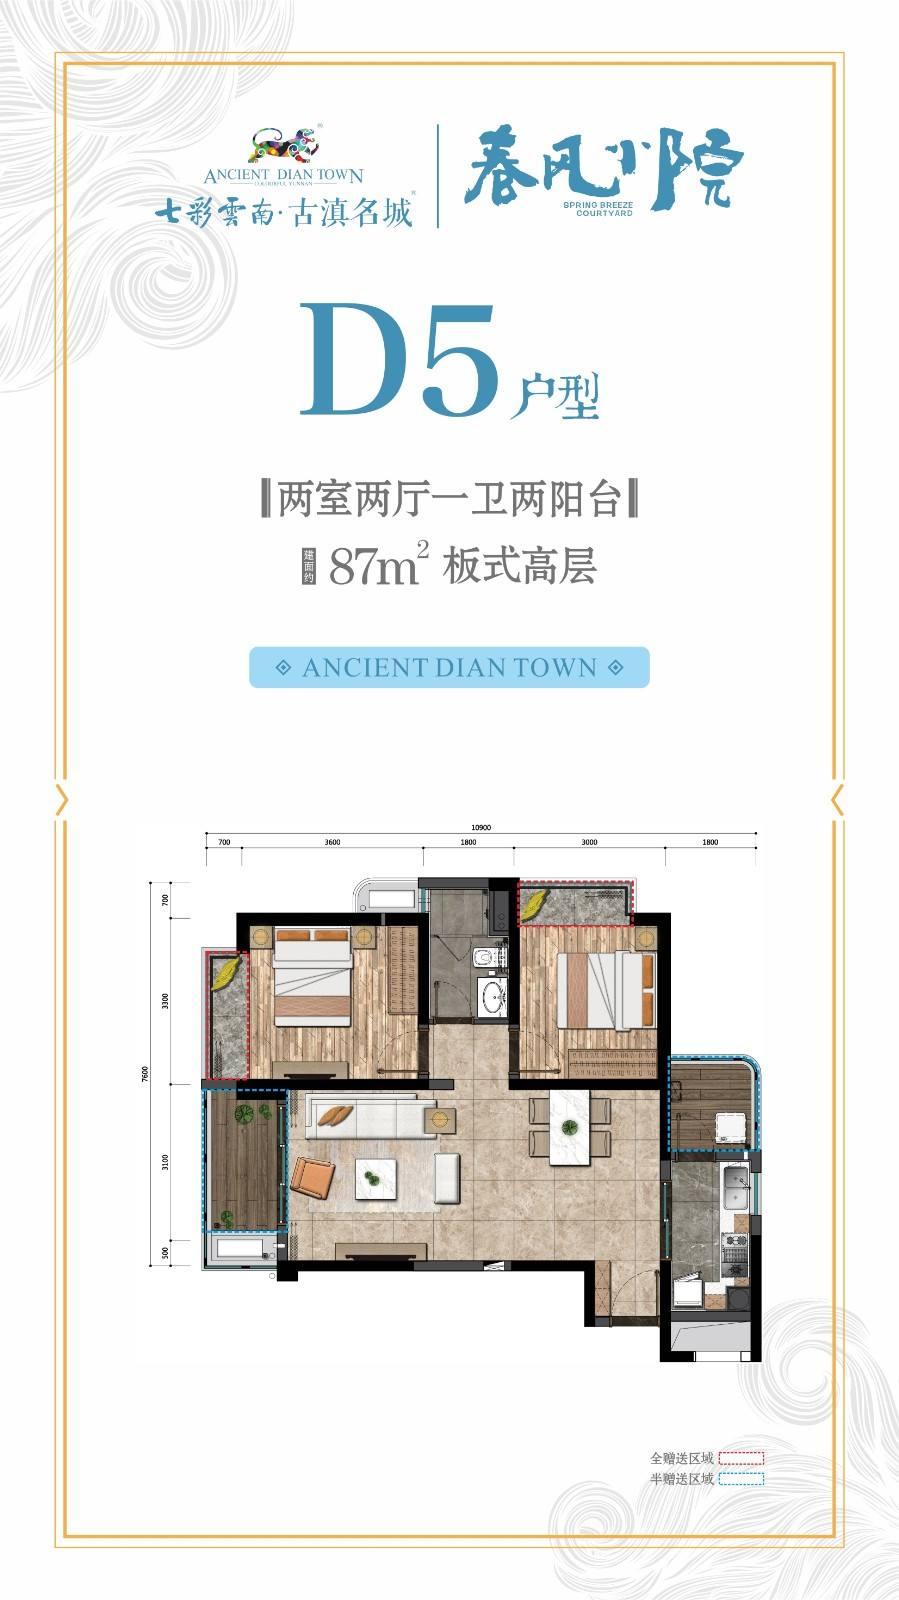 七彩云南古滇名城春风D5户型两室两厅一卫两阳建筑面积:87㎡